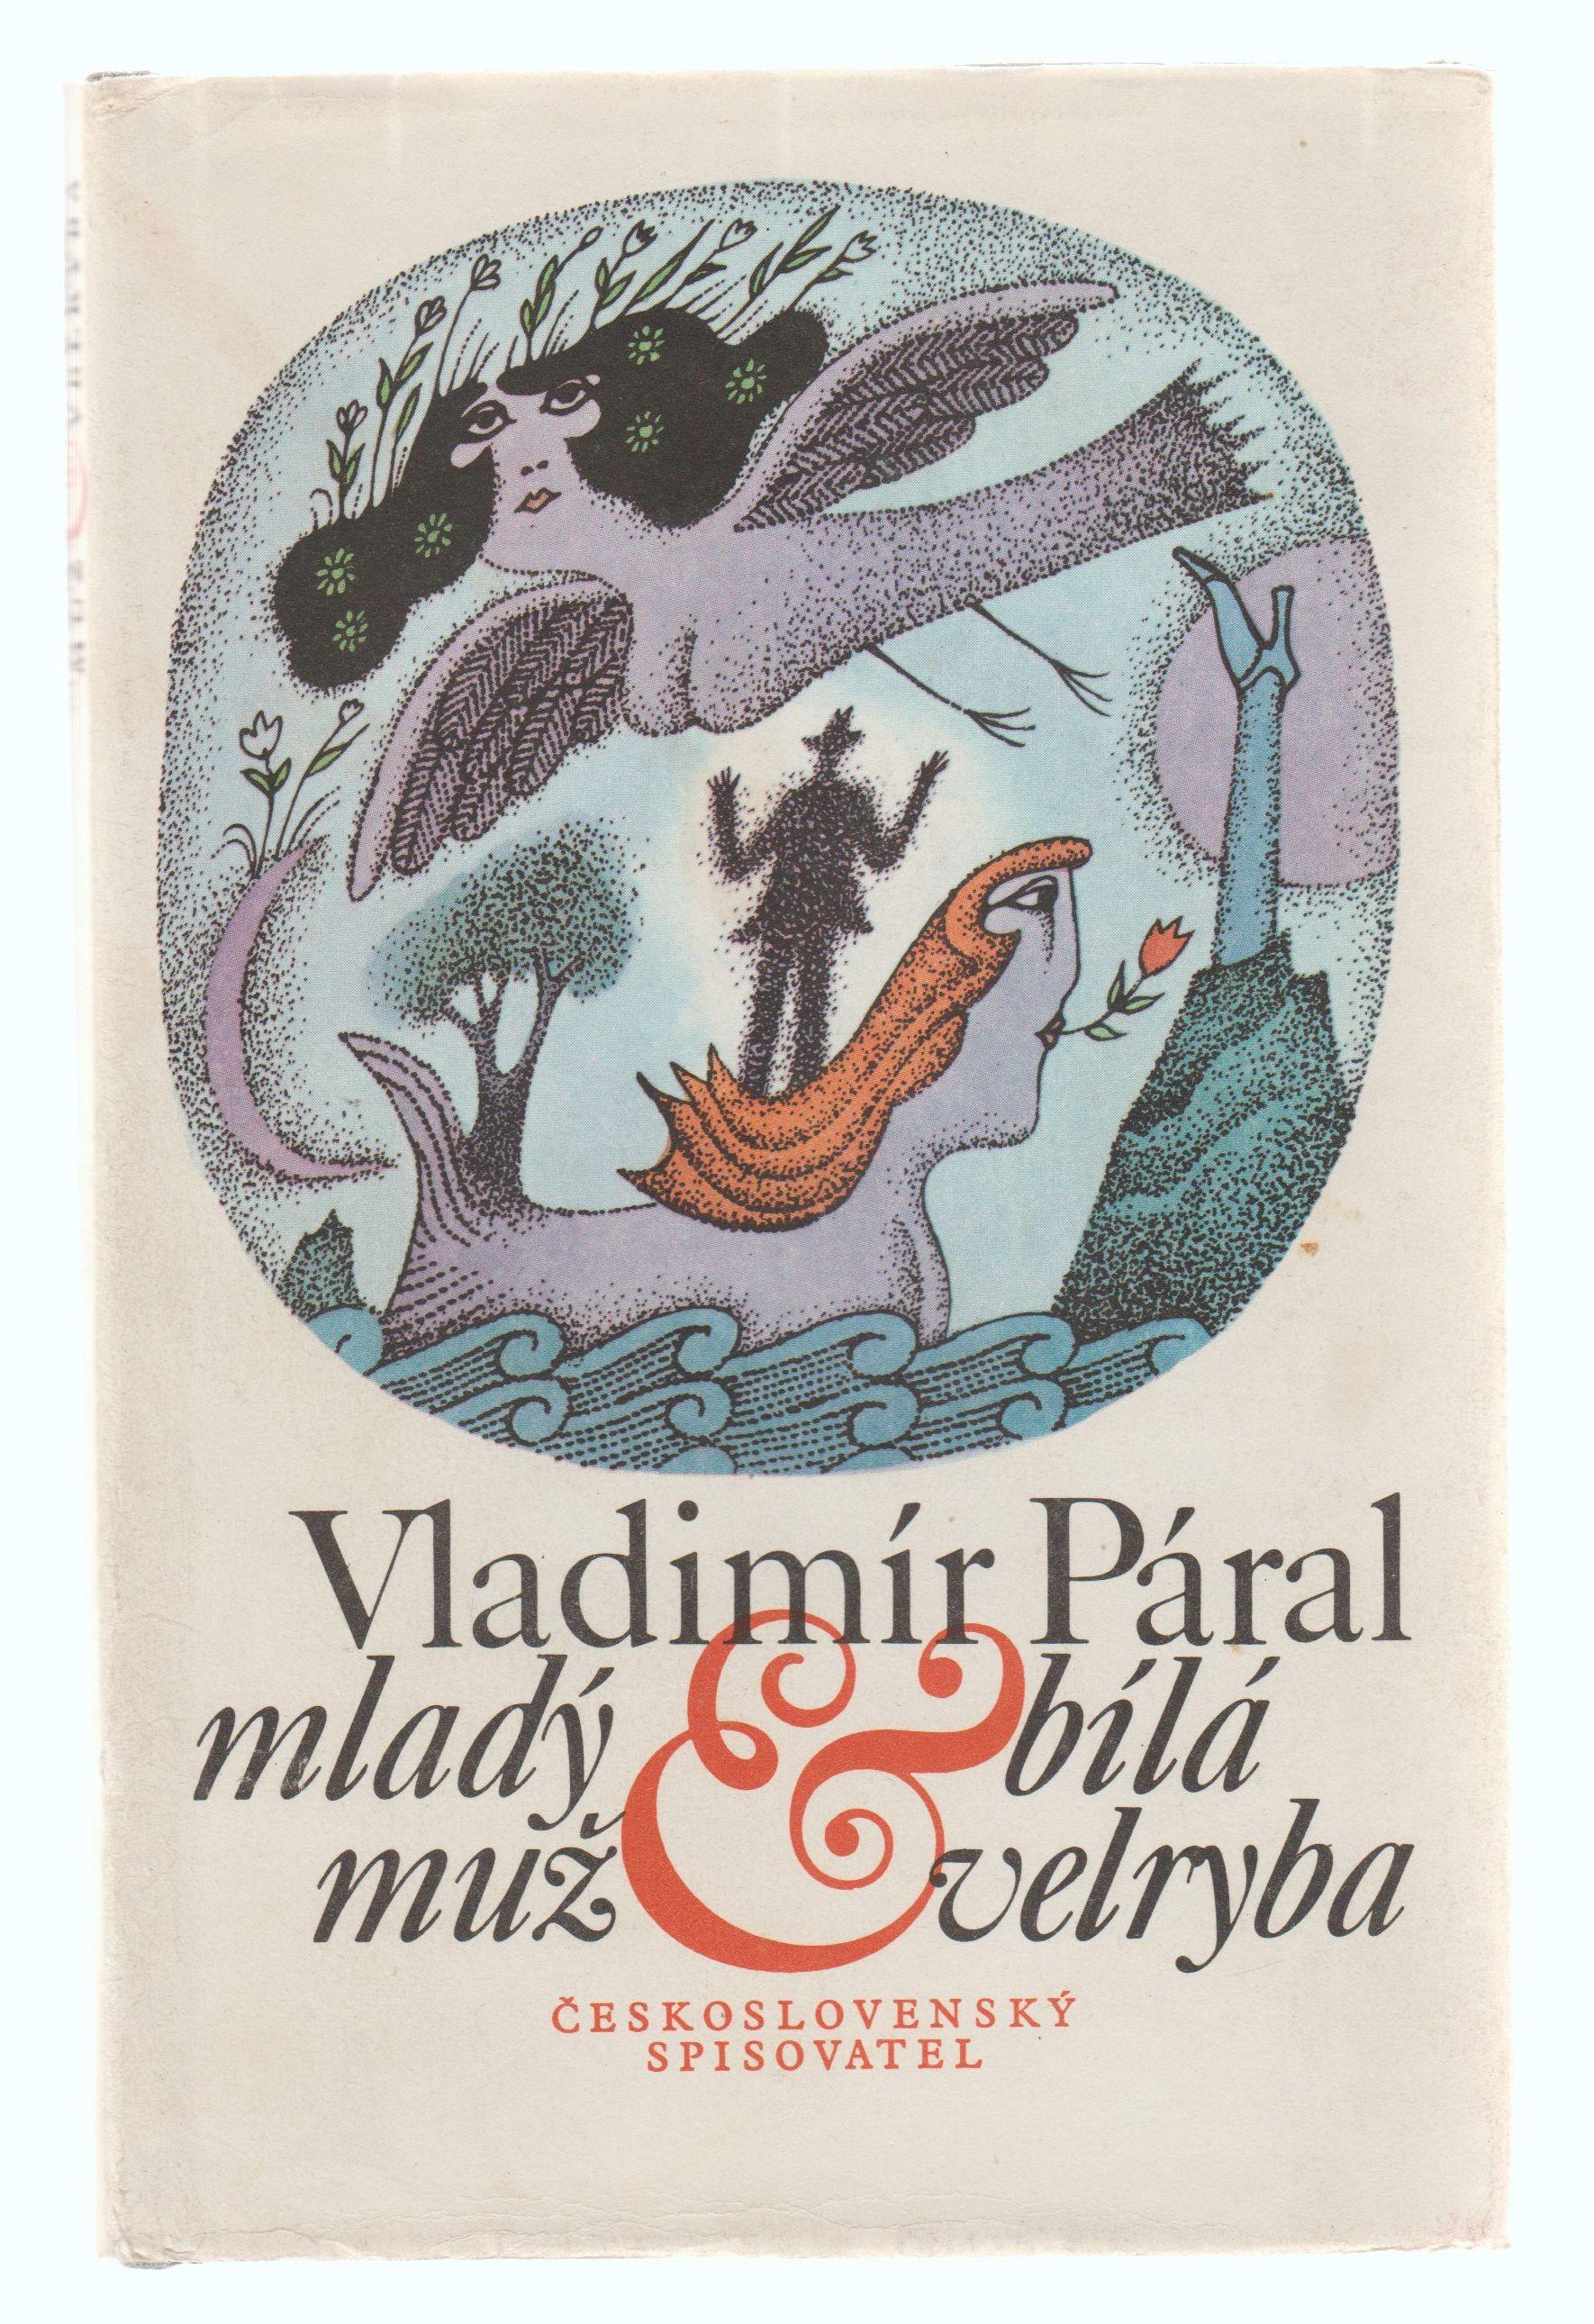 Mladý muž & bílá velryba - Vladimír Páral